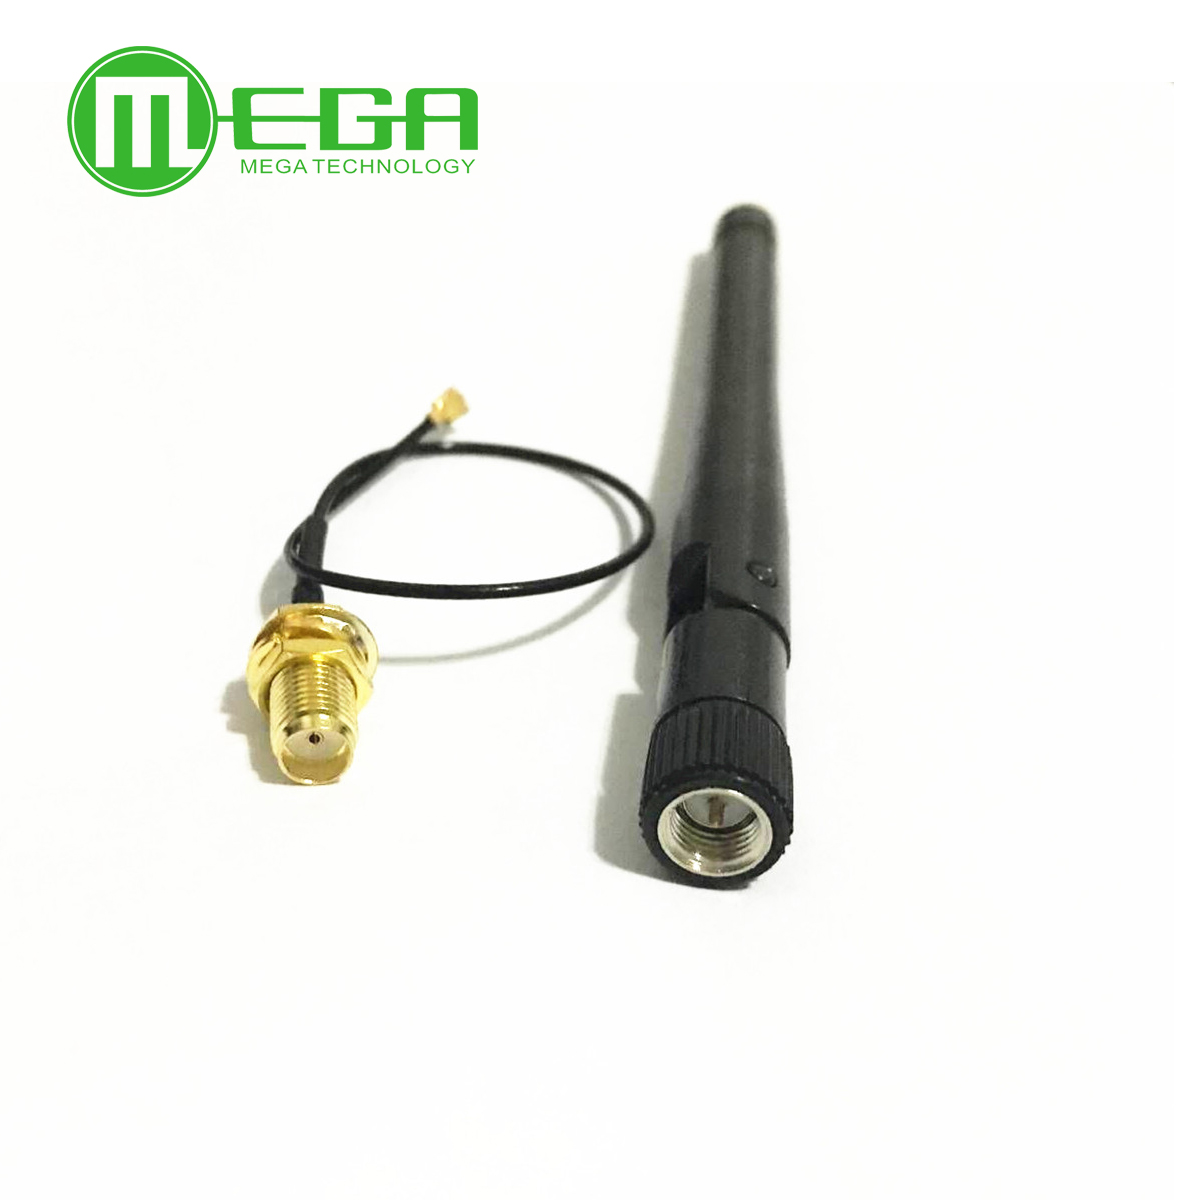 ESP8266 module émetteur-récepteur sans fil WIFI série MT7681 antenne de gain 3DBI